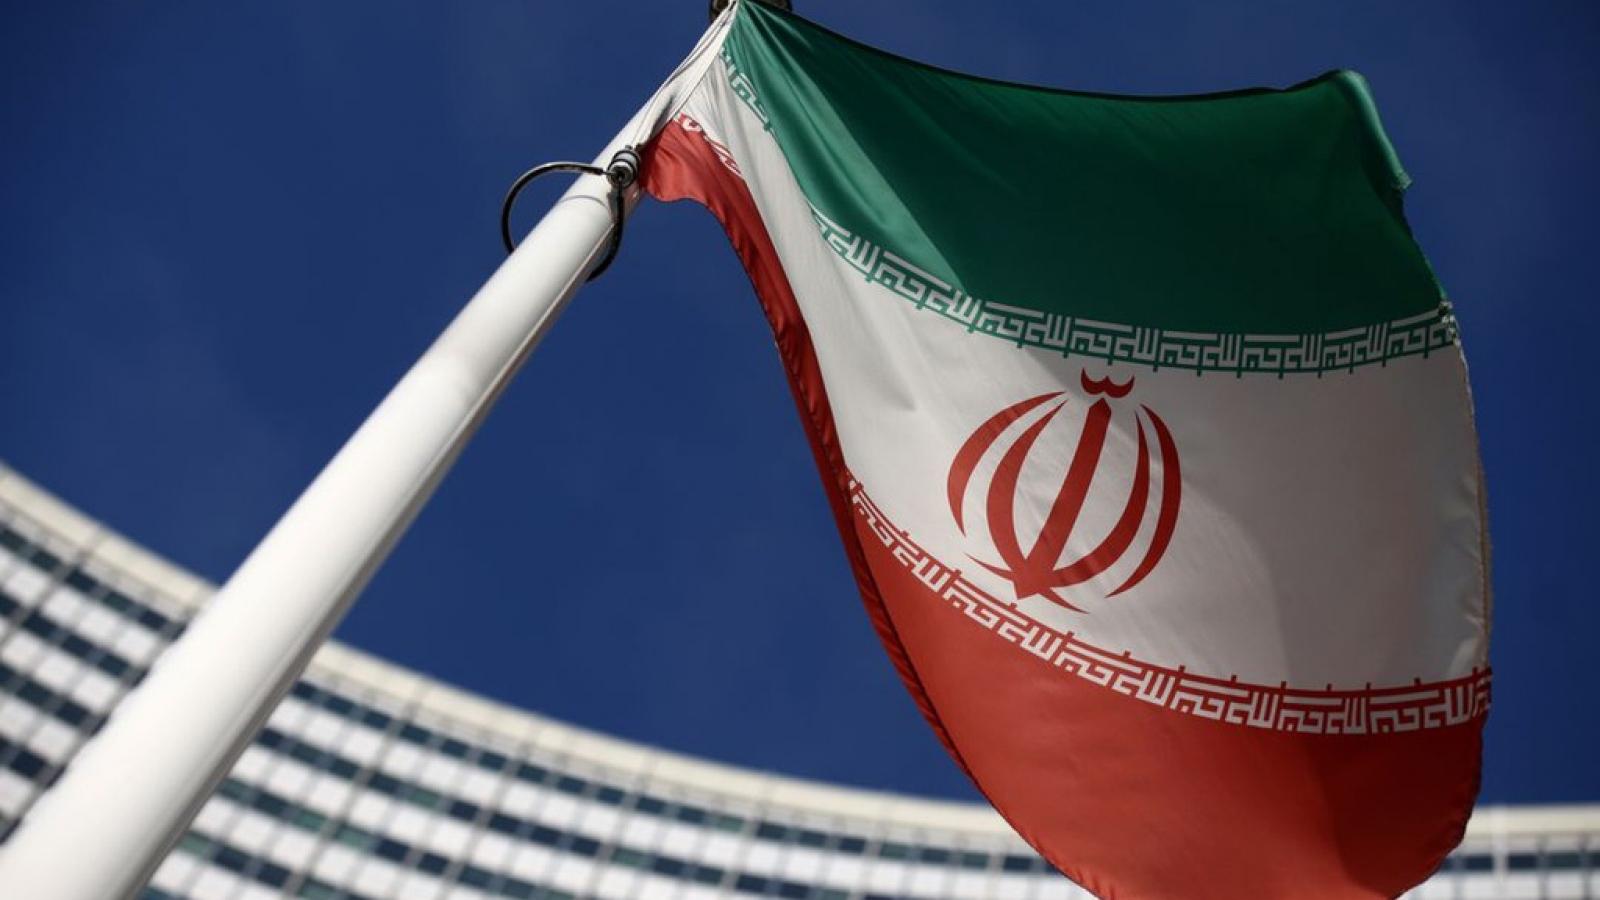 Mỹ trừng phạt các cá nhân Iran đứng sau âm mưu bắt cóc nhà báo Mỹ - Iran bác bỏ